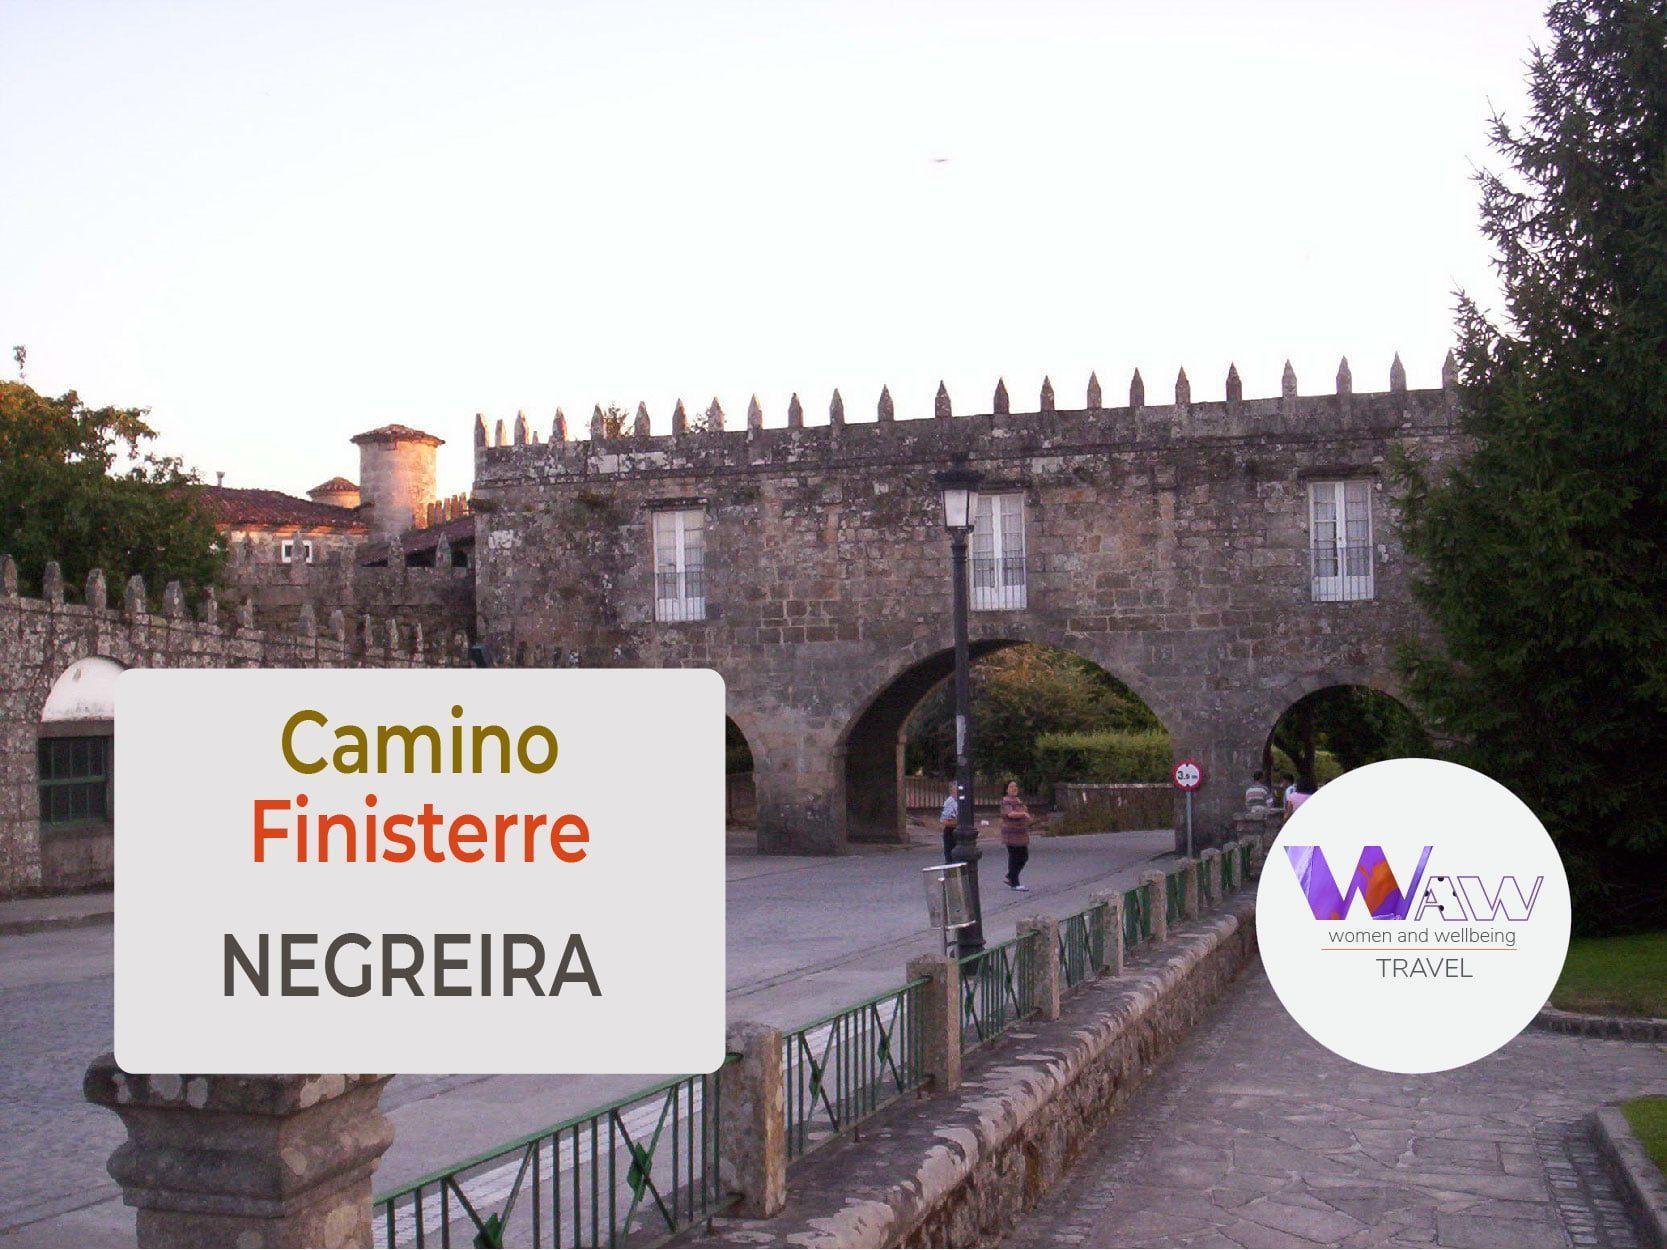 Dag 2 Etappe Santiago de Compostela - Negreira 22 km